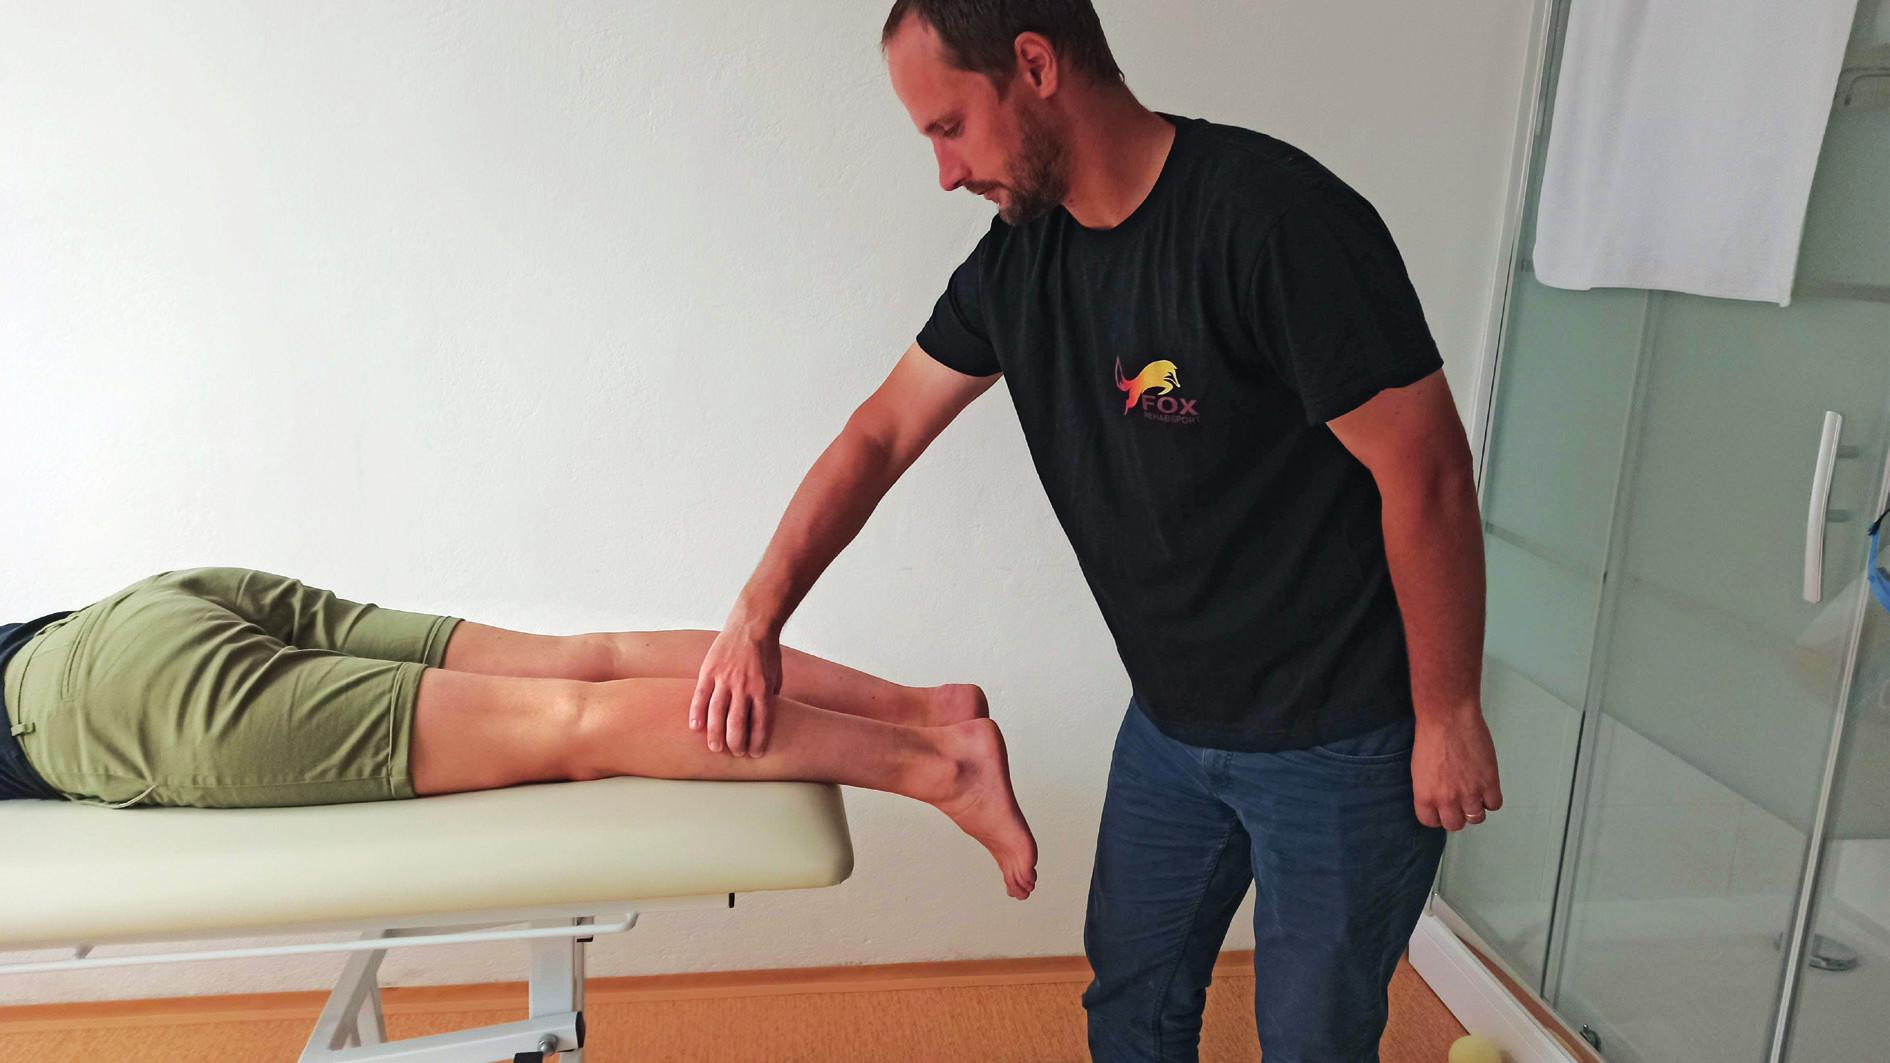 Thompson test/ calf squeeze test. Pacient leží v pozícii na bruchu na vyšetrovacom stole. Chodidlá sú mimo vyšetrovacieho stola. Vyšetrujúci stlačí lýtkový sval niekoľkokrát po sebe. Pokiaľ je Achillová šľacha intaktná, tak dôjde ku plantárnej flexii v členku. Pri ruptúre Achillovej šľachy ku plantárnej flexii v členku nedôjde.